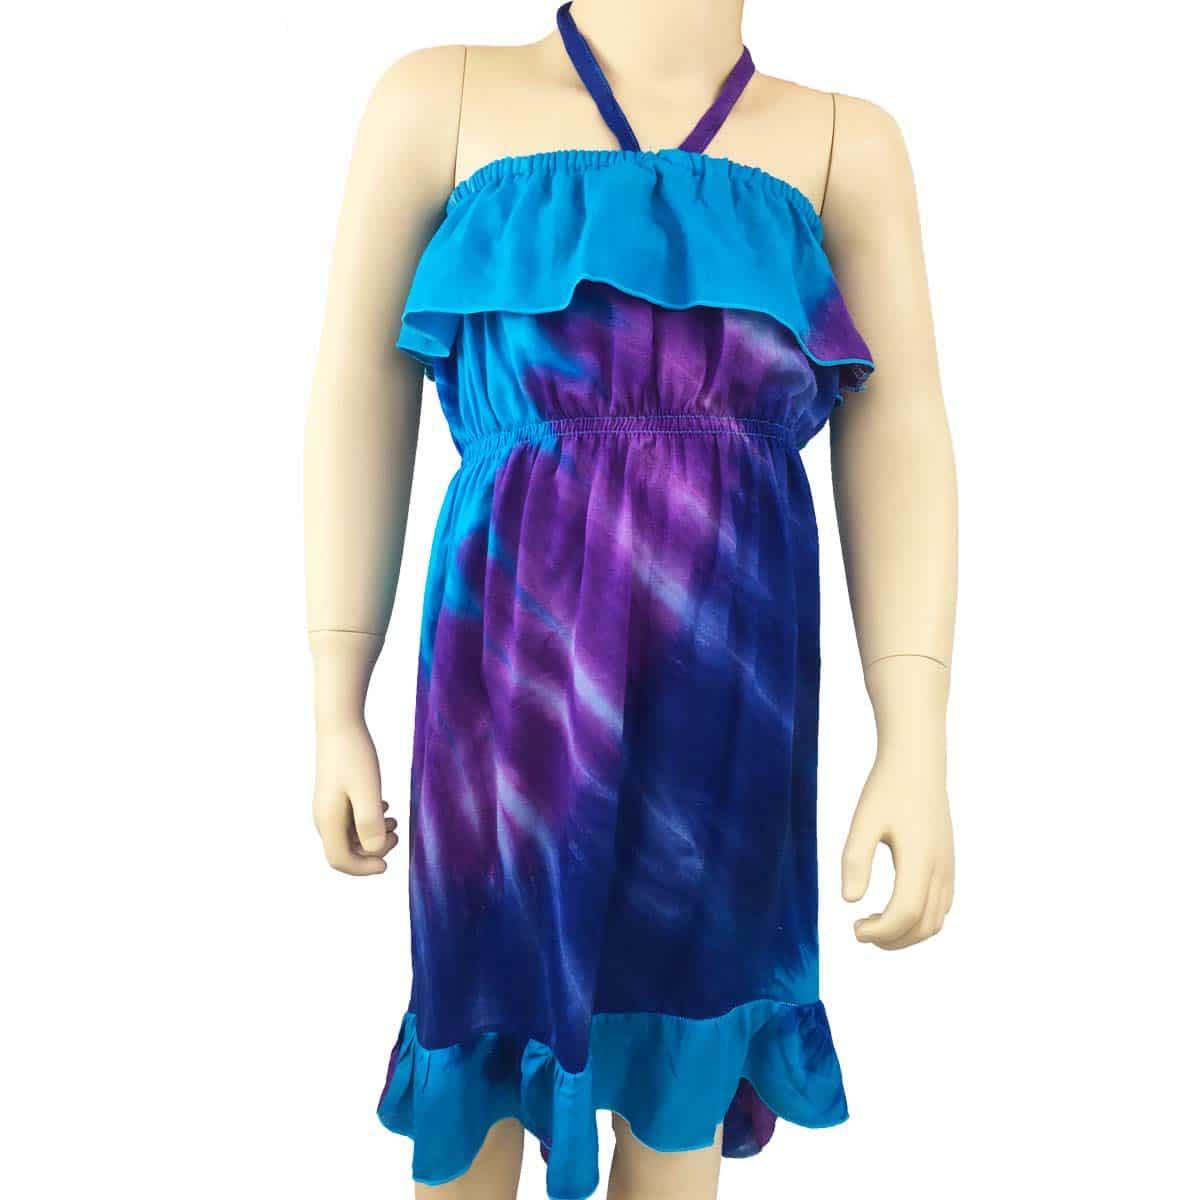 Girls Summer Beach Dress Tie Dye Blue Purple Tropicool